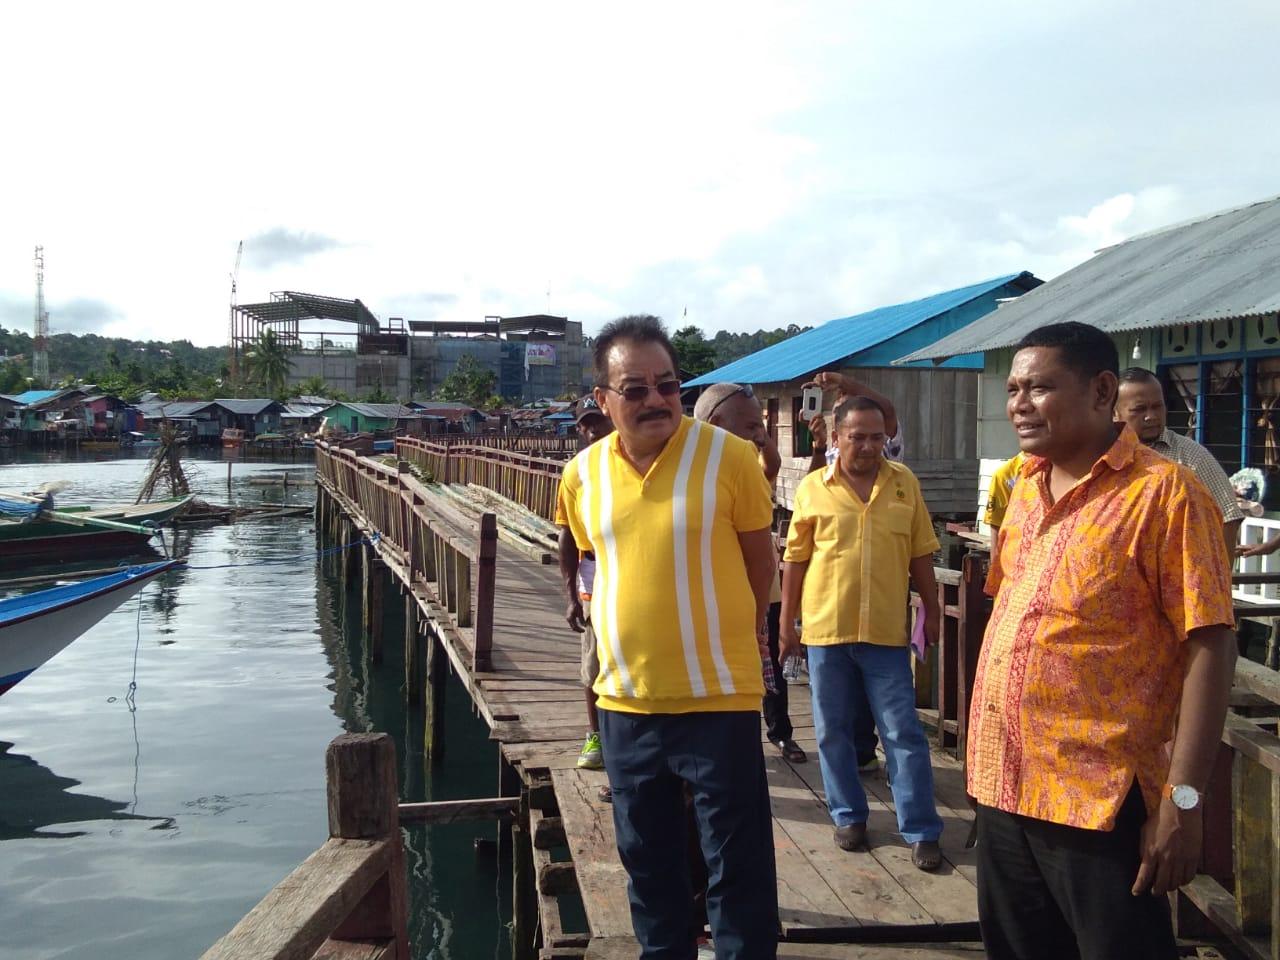 Robert Kardinal Borong Hasil Kebun Sayur dan Umbi-Umbian, Mama Papua Terharu